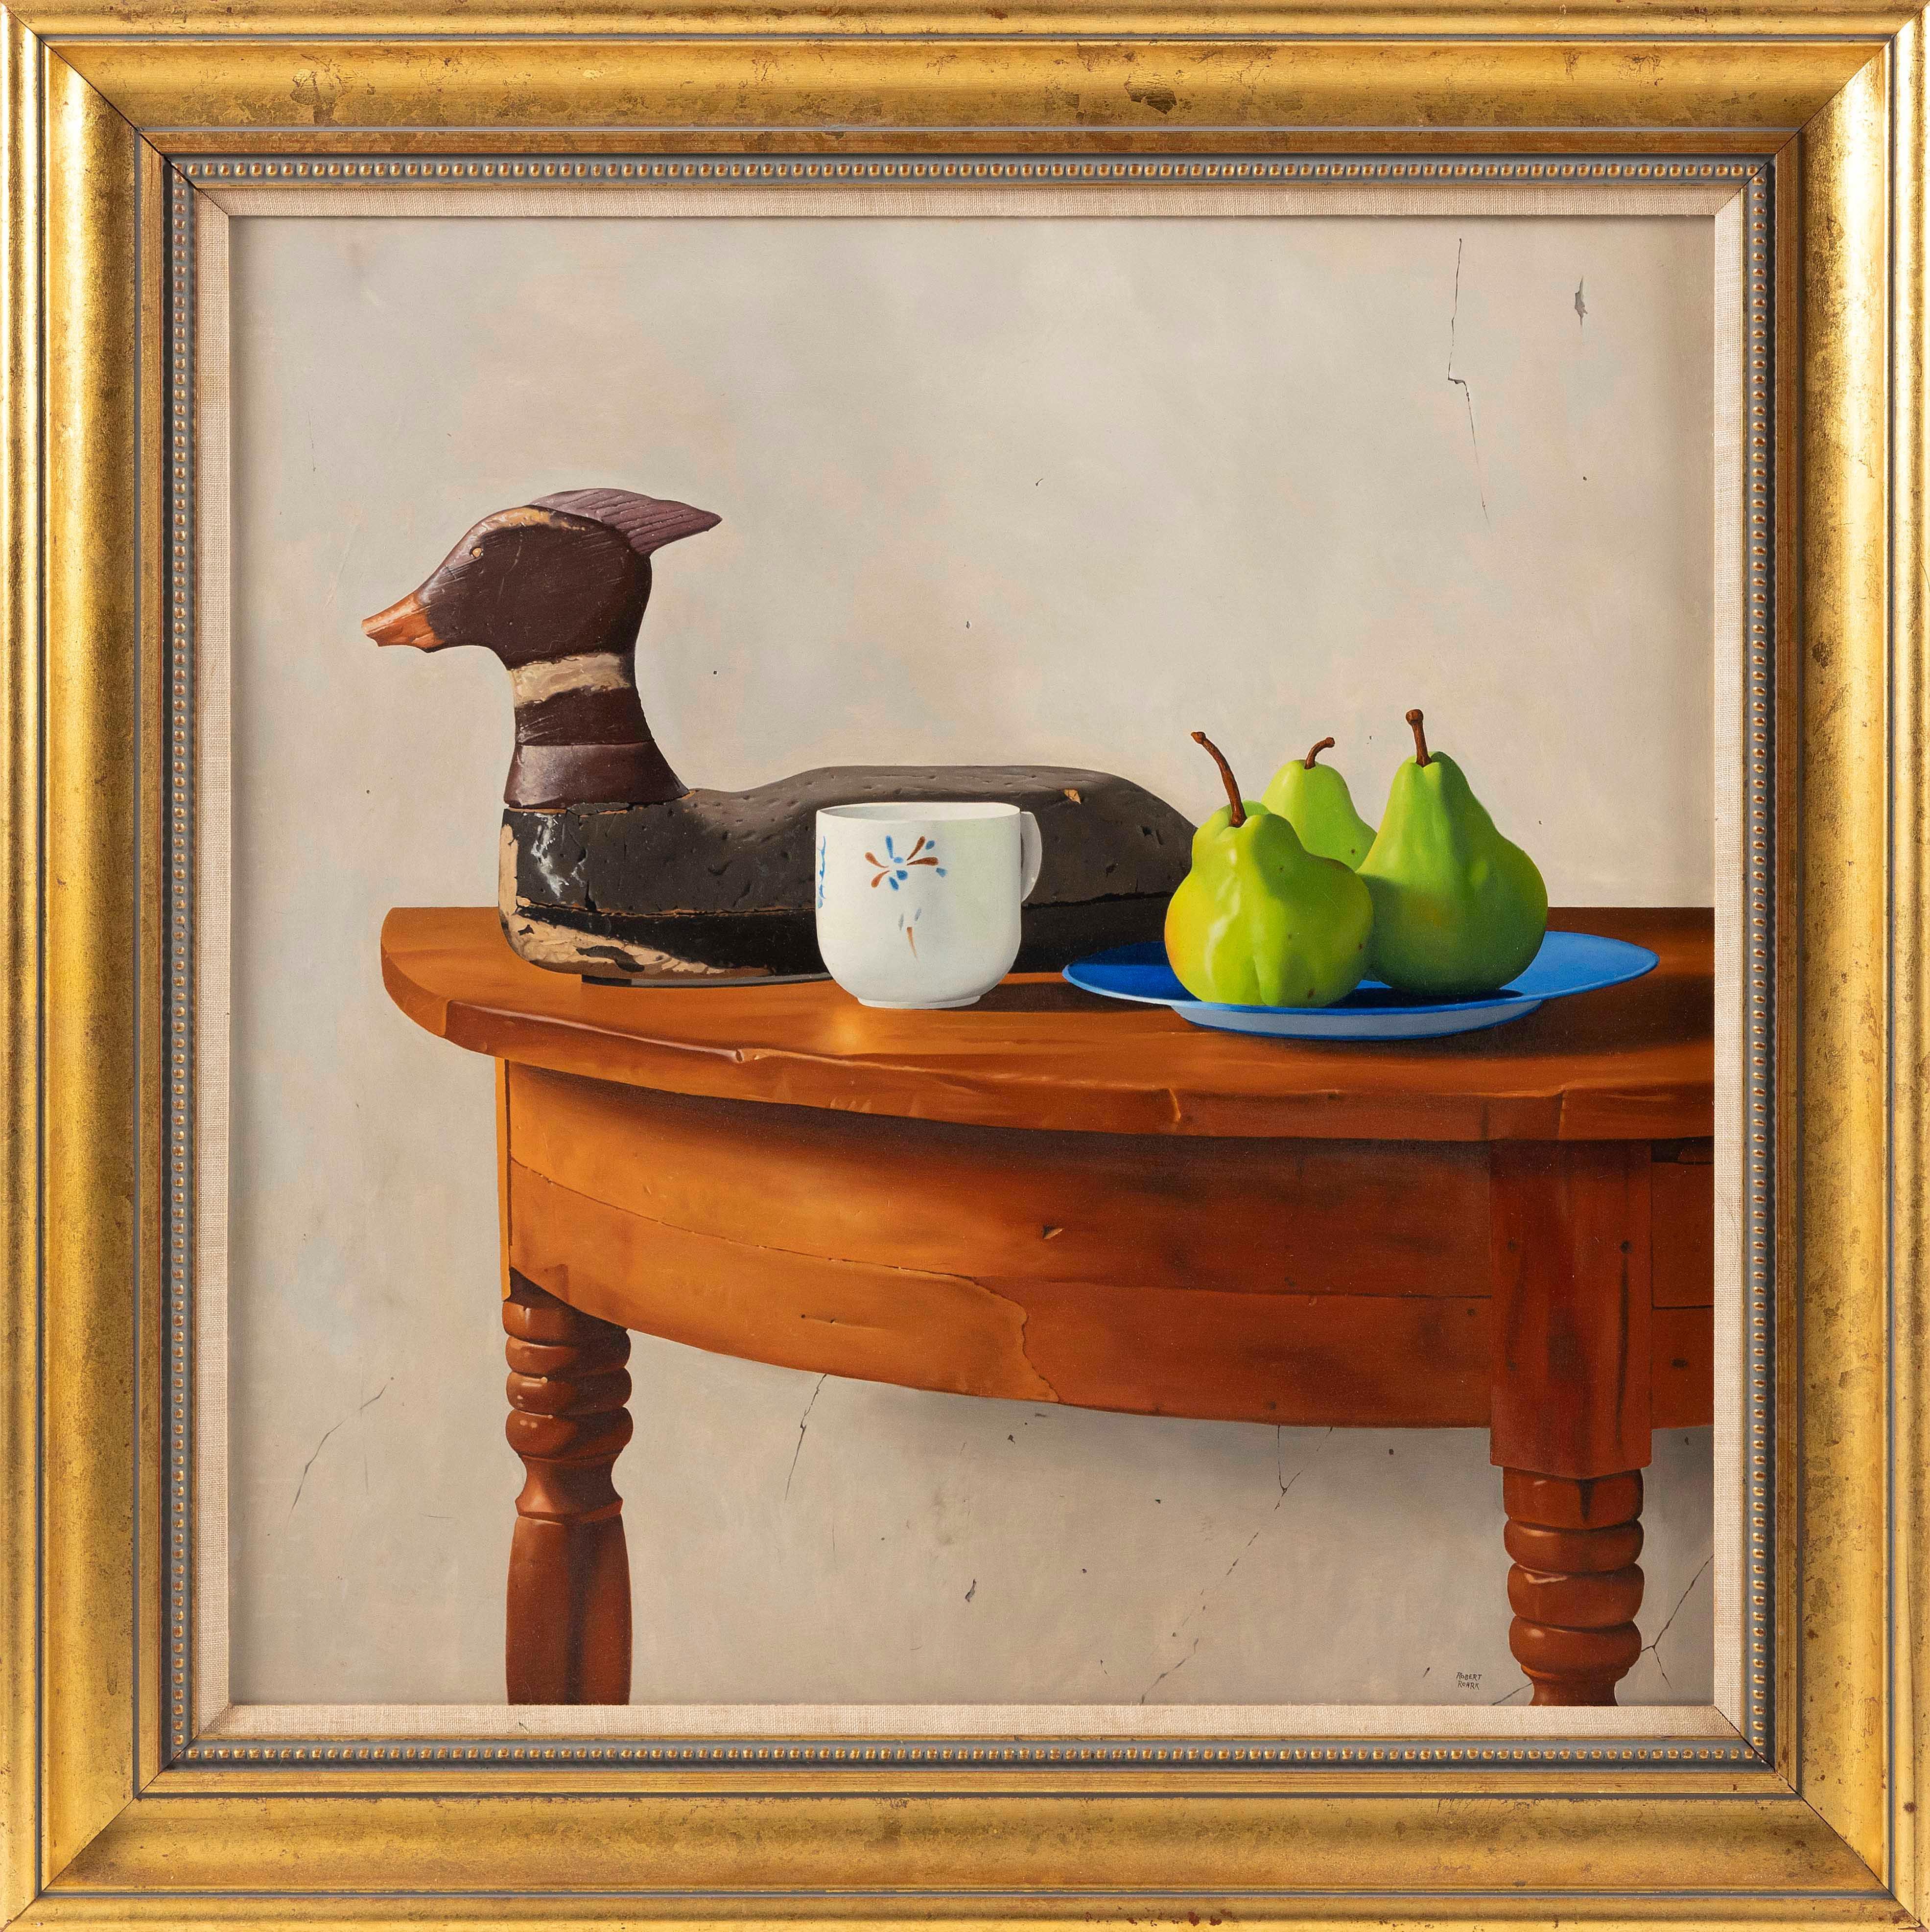 """ROBERT K. ROARK (Massachusetts/New York, b. 1944), """"Still Life with Decoy""""., Oil on panel, 24"""" x 24"""". Framed 30.5"""" x 30.5""""."""